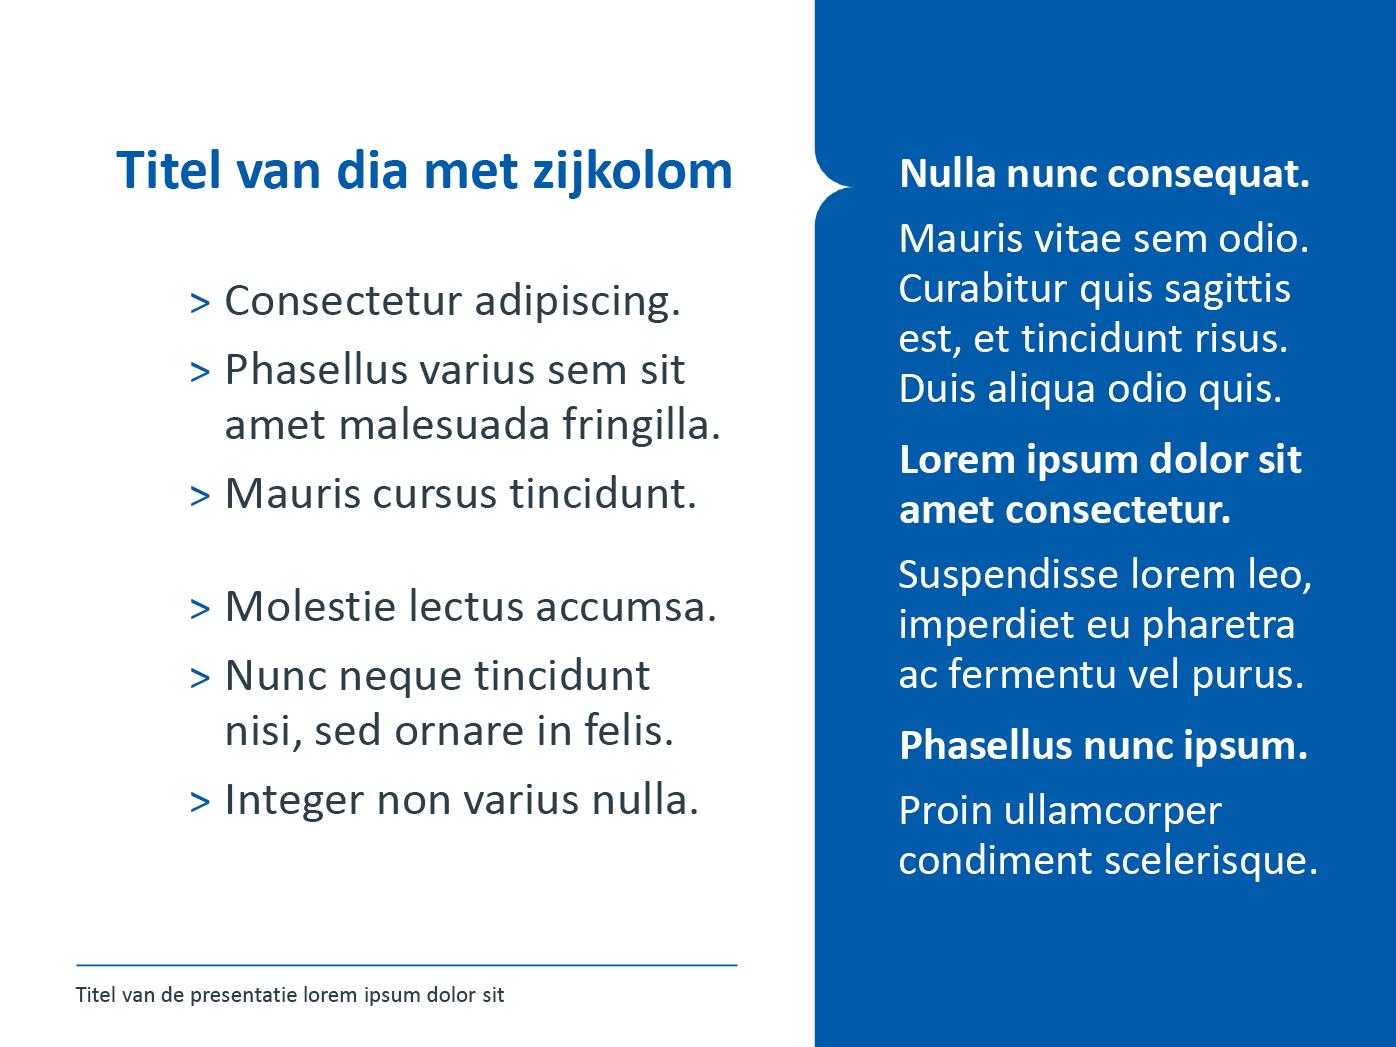 """Dia-type """"basisdia met zijkolom"""", gepersonaliseerd voor de submerken van het secundair onderwijs. Powerpoint-sjabloon van de Stad Gent."""